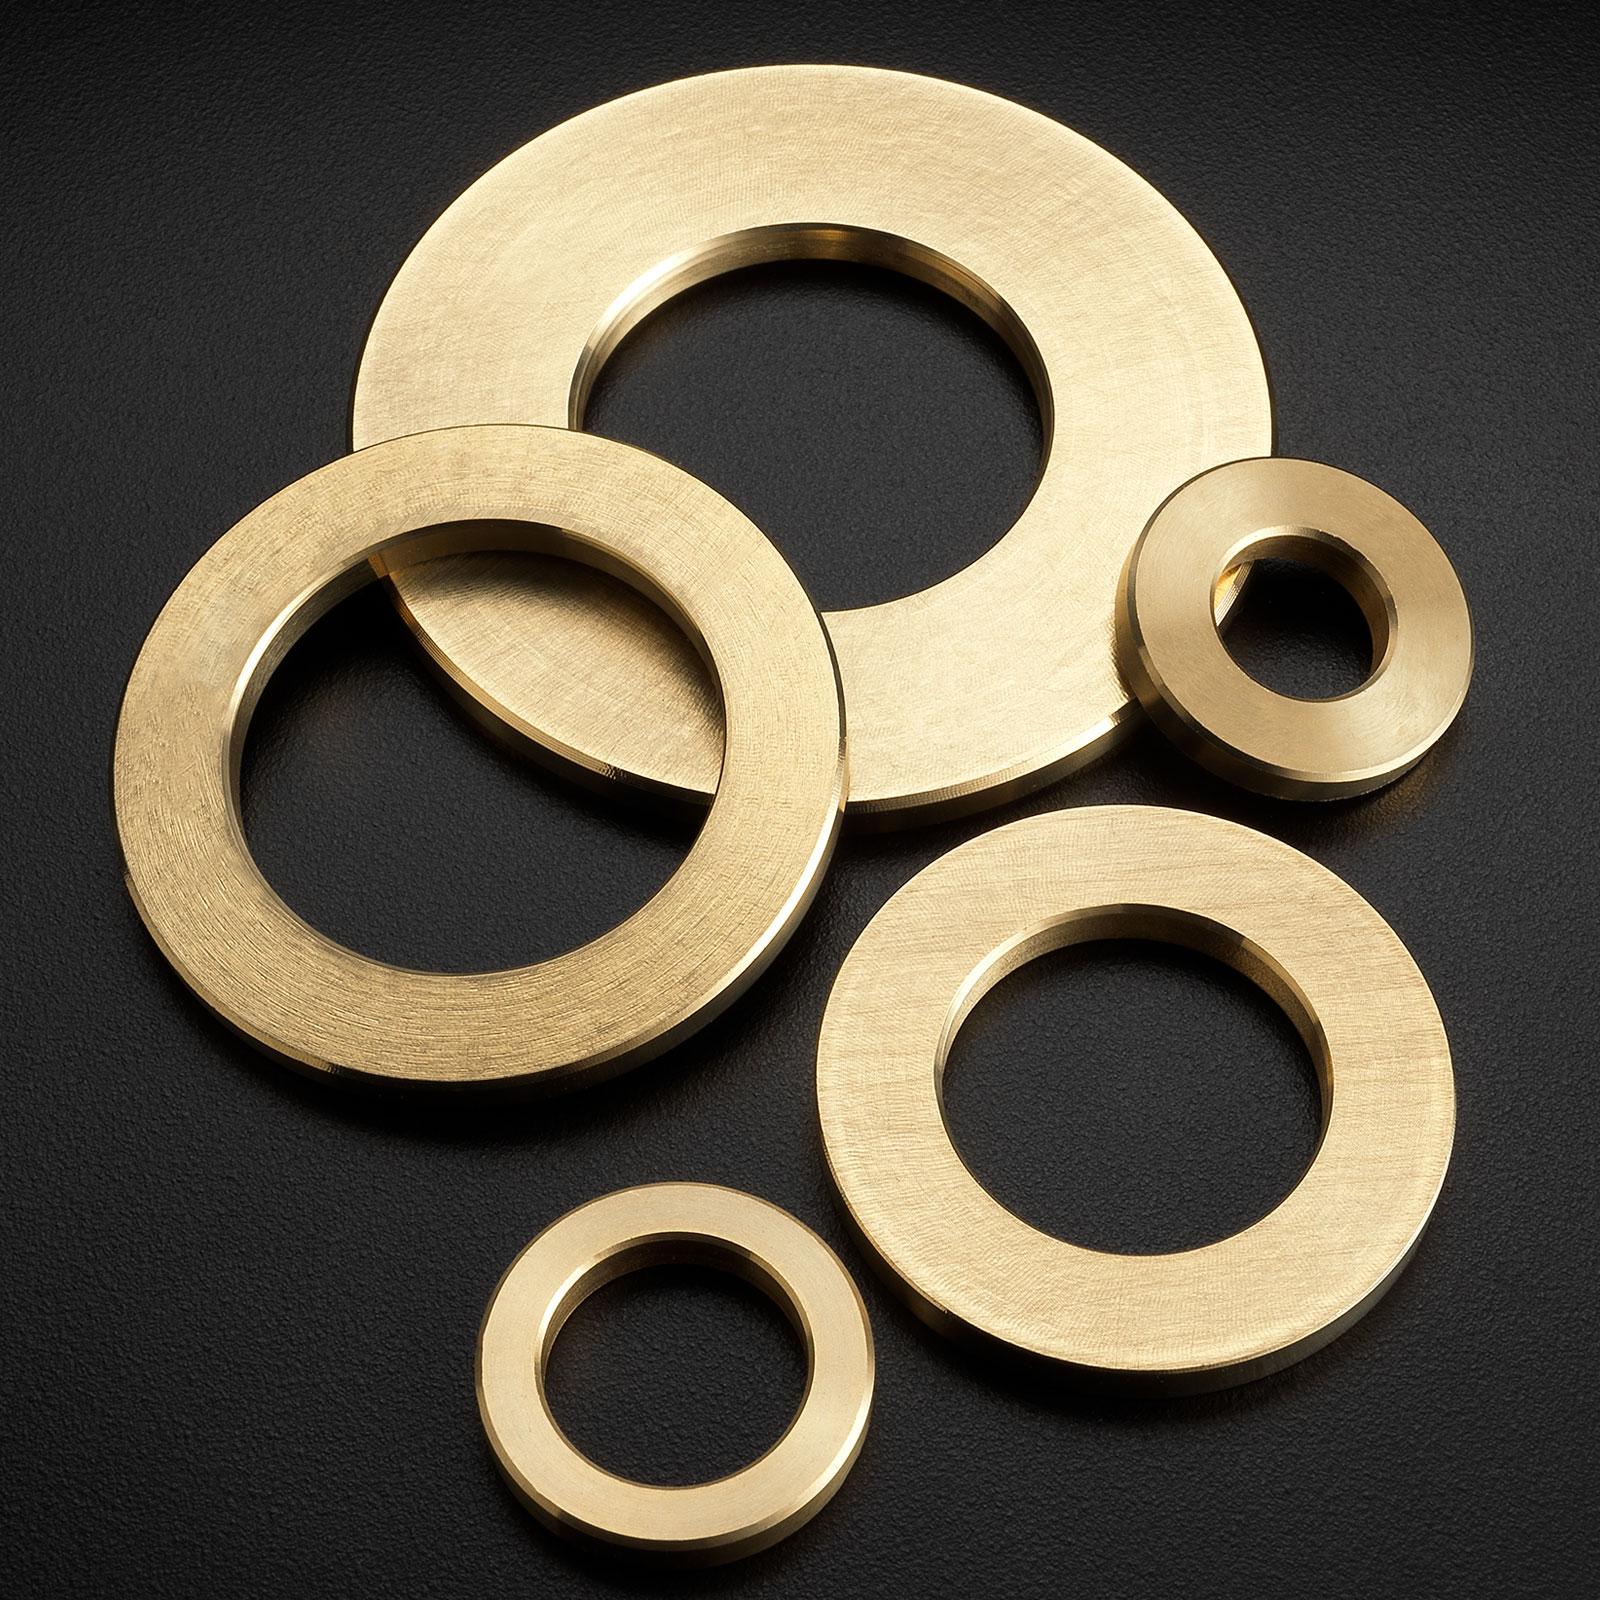 Copper Lock Washer : C standard thrust washer morgan bronze